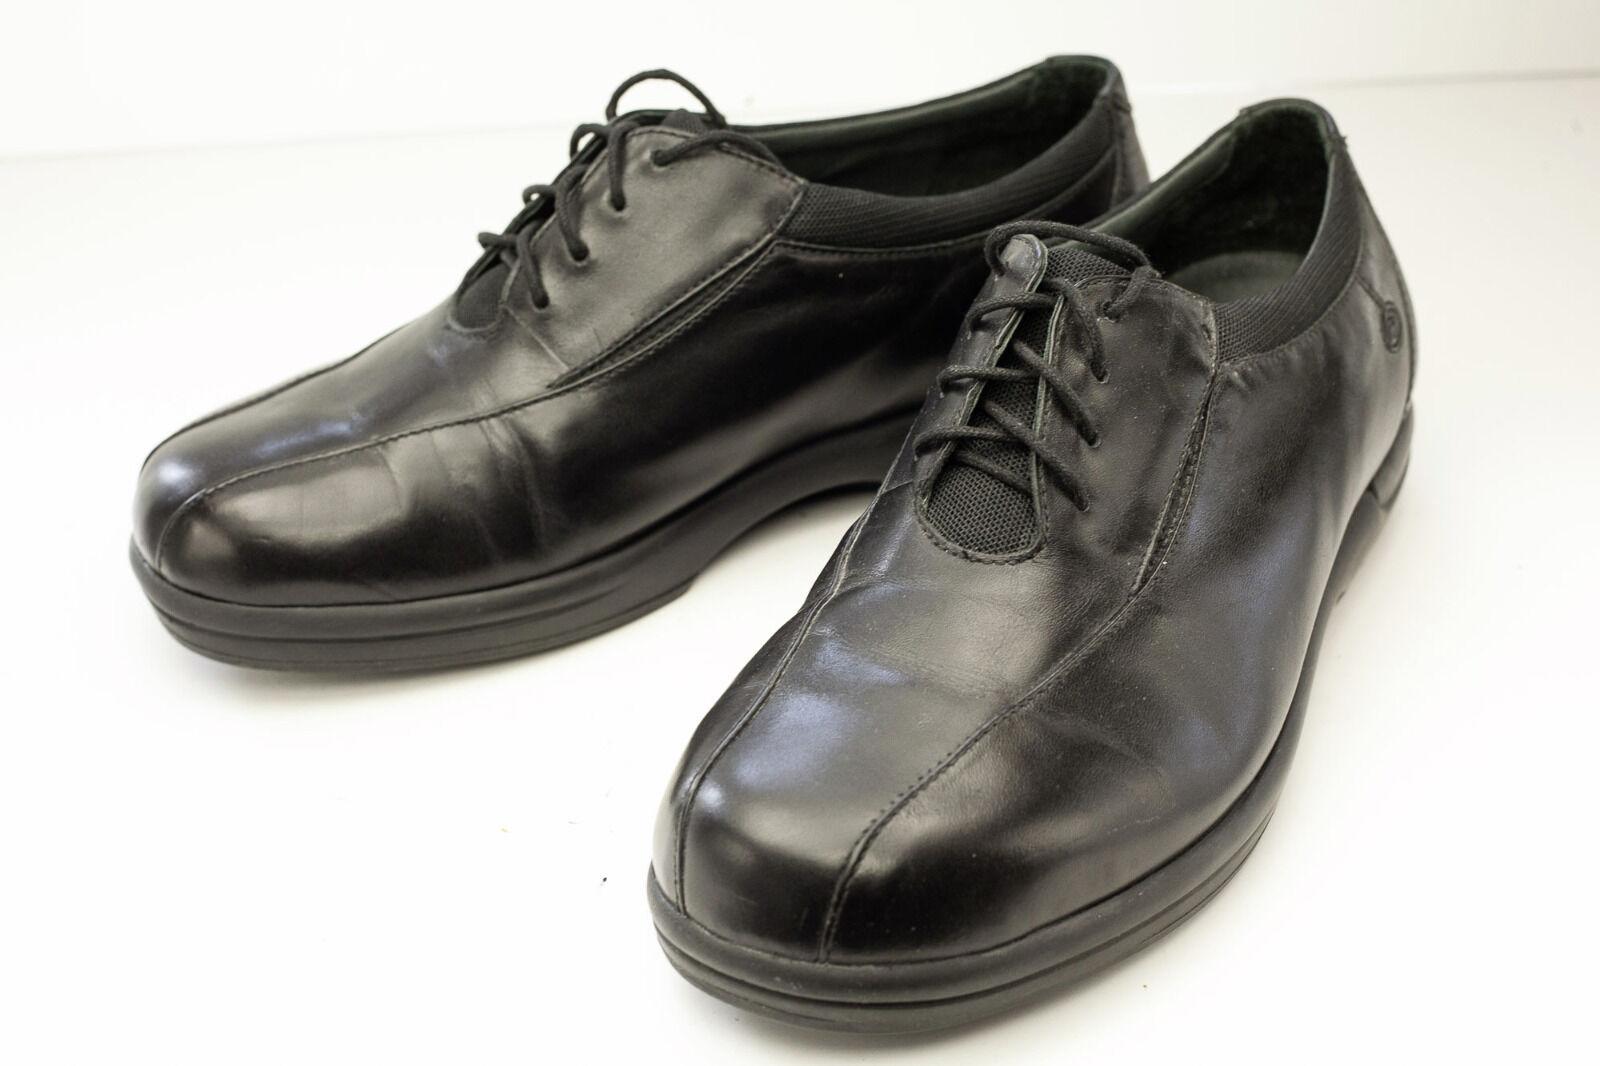 Aravon Aravon Aravon 8.5 EE NEGRO Zapatos para mujer Oxford casual  nueva marca